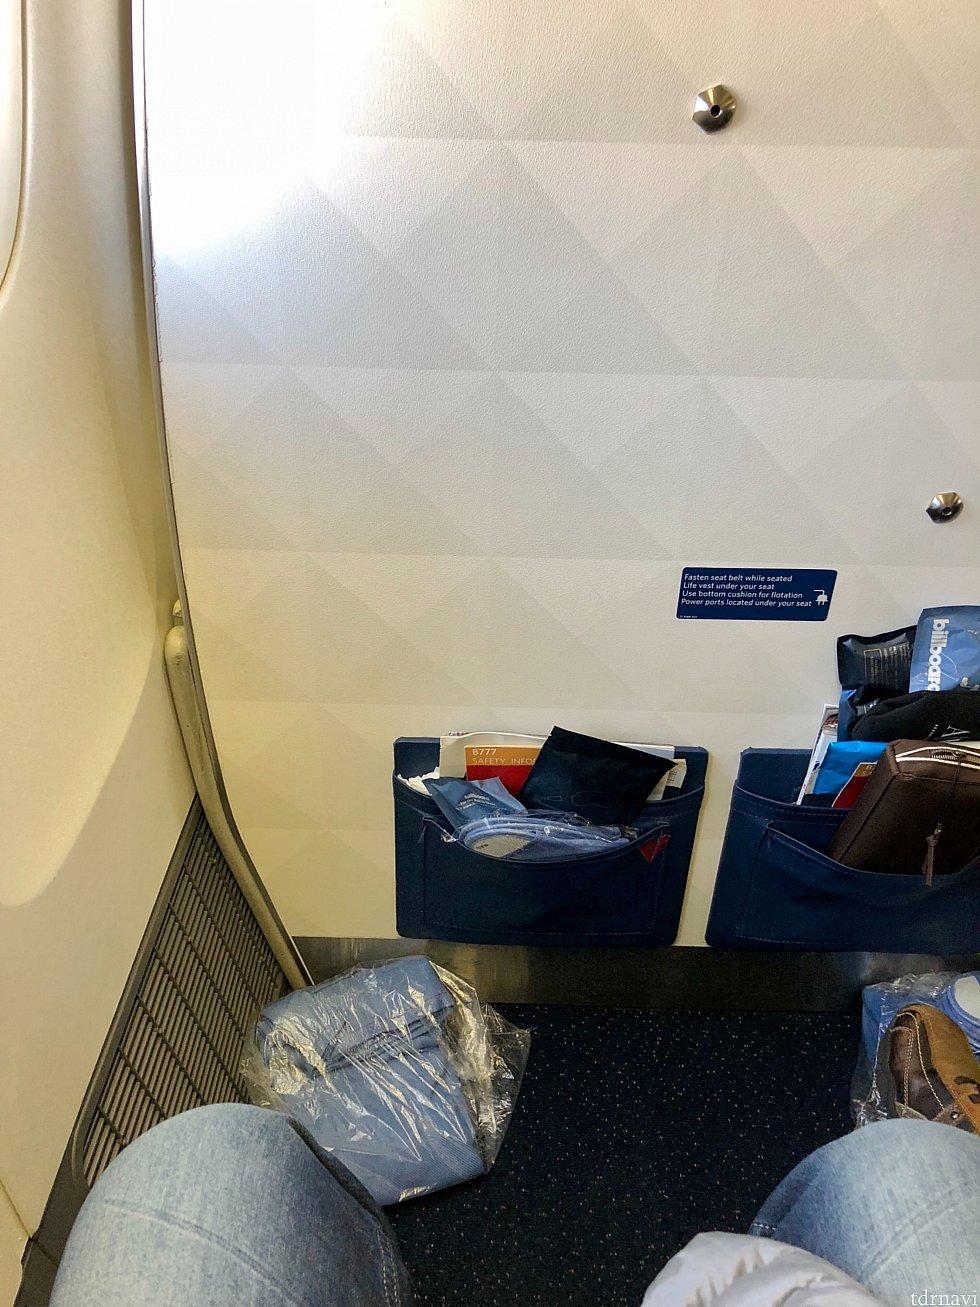 成田行きのデルタ便のプレミアムエコノミーは、見た目で直ぐに古い機材と分かるもので、ここでもがっかり。奥行きはエコノミーより余裕があるものの、シートの横幅はエコノミーと一緒で狭かったです。